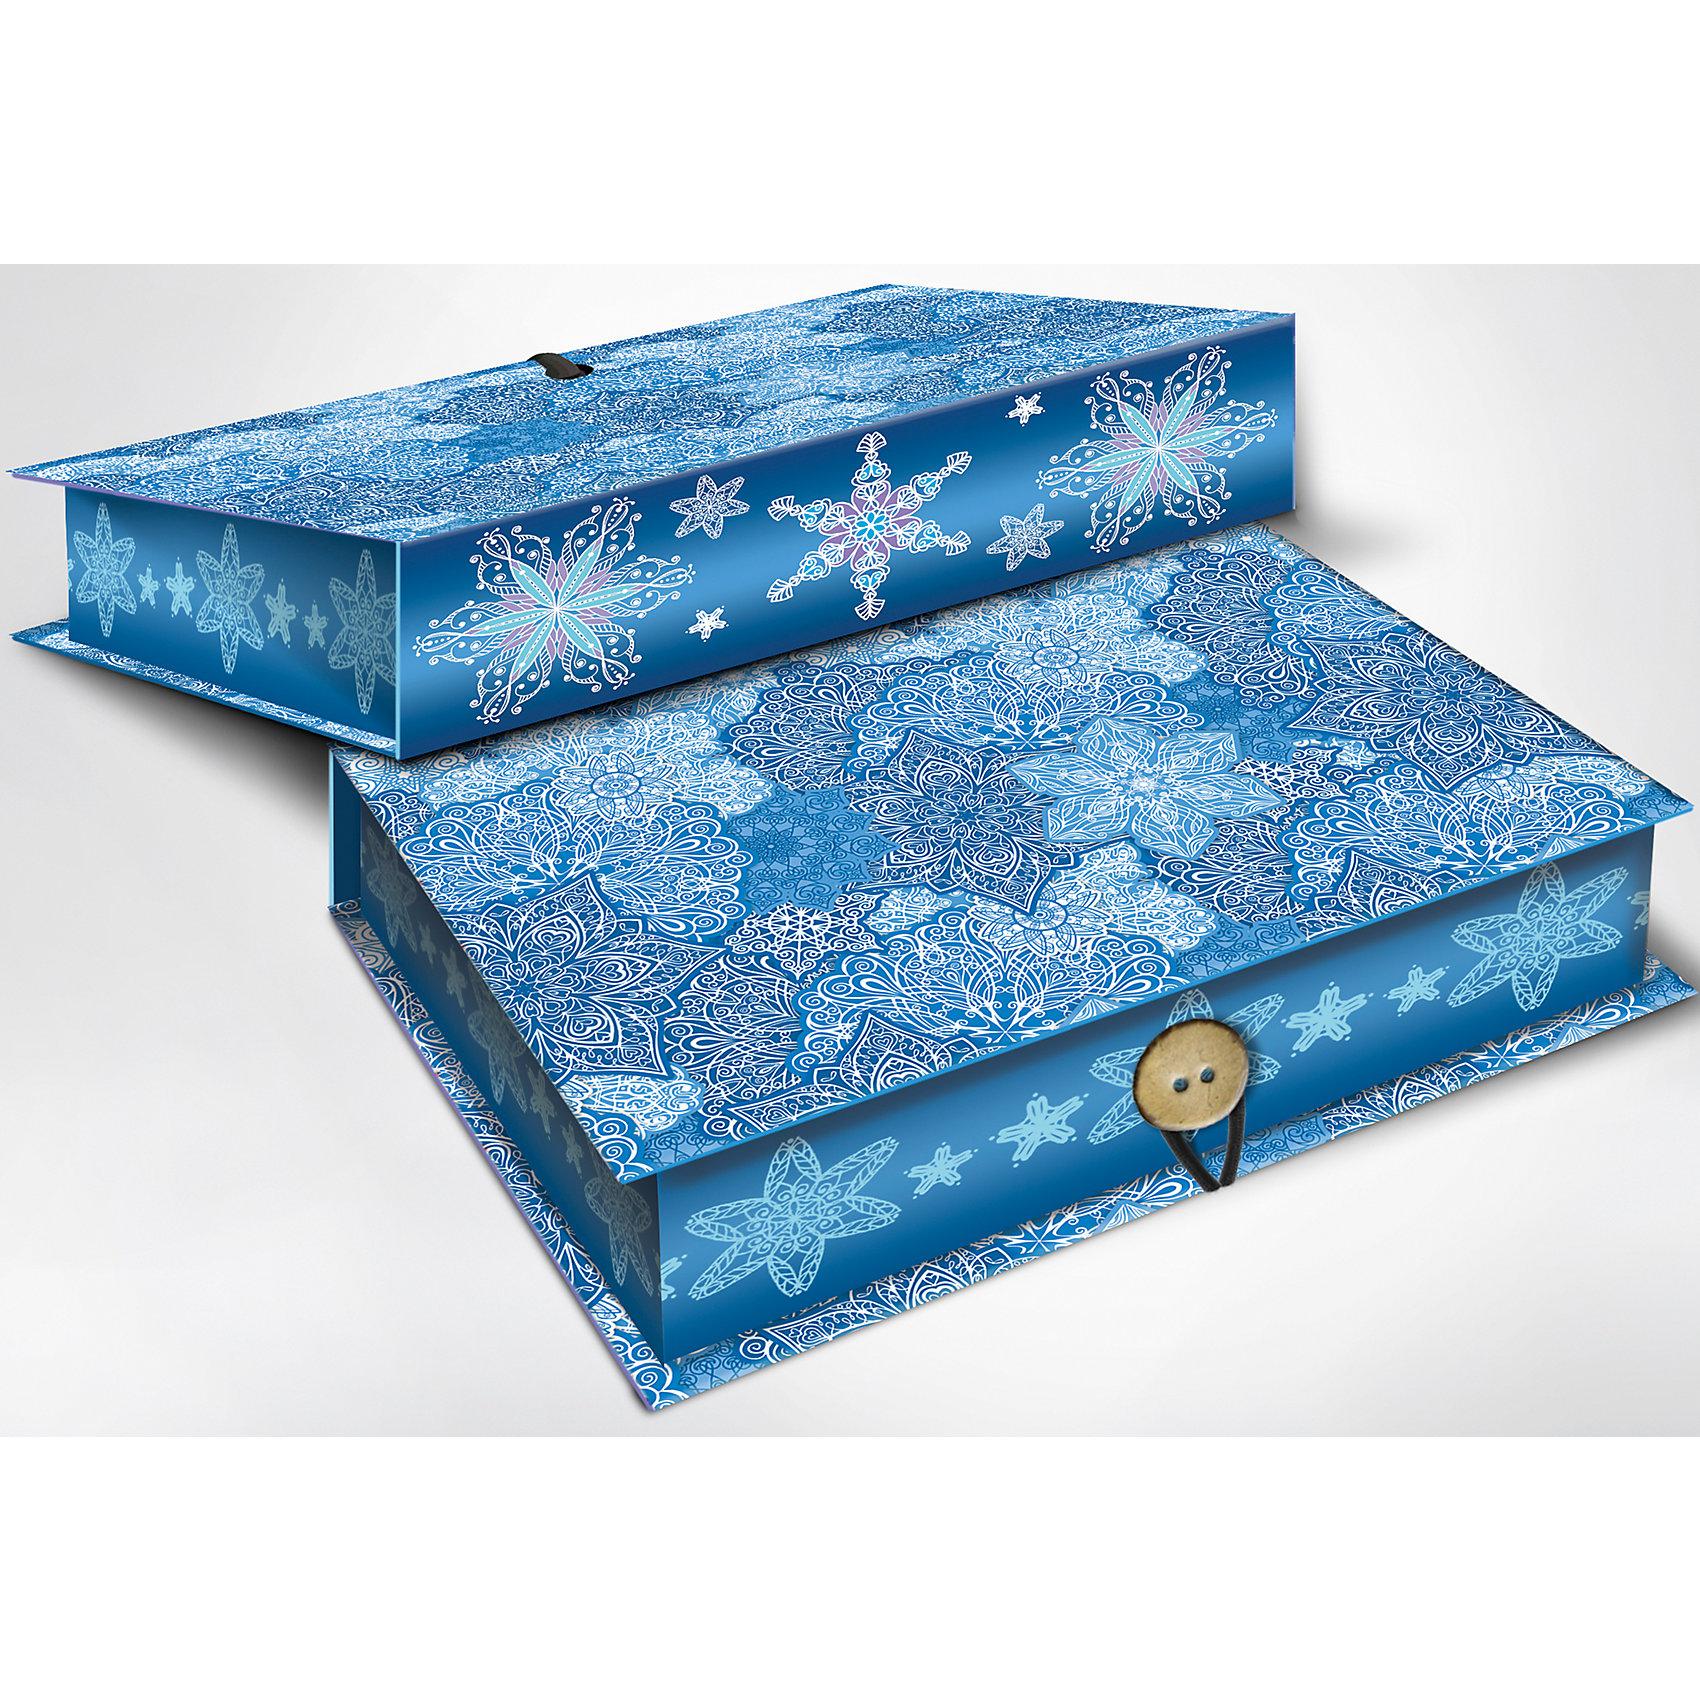 Подарочная коробка Морозные узоры 20*14*6 смВсё для праздника<br>Подарочная коробка Морозные узоры 20 * 14 * 6 см - впустите атмосферу зимы и праздников в ваш дом! С этой подарочной коробкой так весело наряжать подарки и радовать близких. Картонная коробка выглядит как книга и имеет яркую обложку с цветными рисунками ажурных морозных узоров со снежинками. На корешке изображены отдельные снежинки на праздничном синем фоне. Коробка закрывается на небольшой эластичный шнурок и пуговичку. Устройте сюрприз вашим близким!<br>Дополнительная информация:<br><br>- Размер: 20 * 14 * 6 см.<br>- Материал: картон плотностью 1100 г/м2<br>Подарочную коробку Морозные узоры 20 * 14 * 6 см можно купить в нашем интернет-магазине.<br>Подробнее:<br>• Для детей в возрасте: от 3 лет<br>• Номер товара: 4981490<br>Страна производитель: Китай<br><br>Ширина мм: 200<br>Глубина мм: 140<br>Высота мм: 60<br>Вес г: 330<br>Возраст от месяцев: 36<br>Возраст до месяцев: 2147483647<br>Пол: Унисекс<br>Возраст: Детский<br>SKU: 4981490